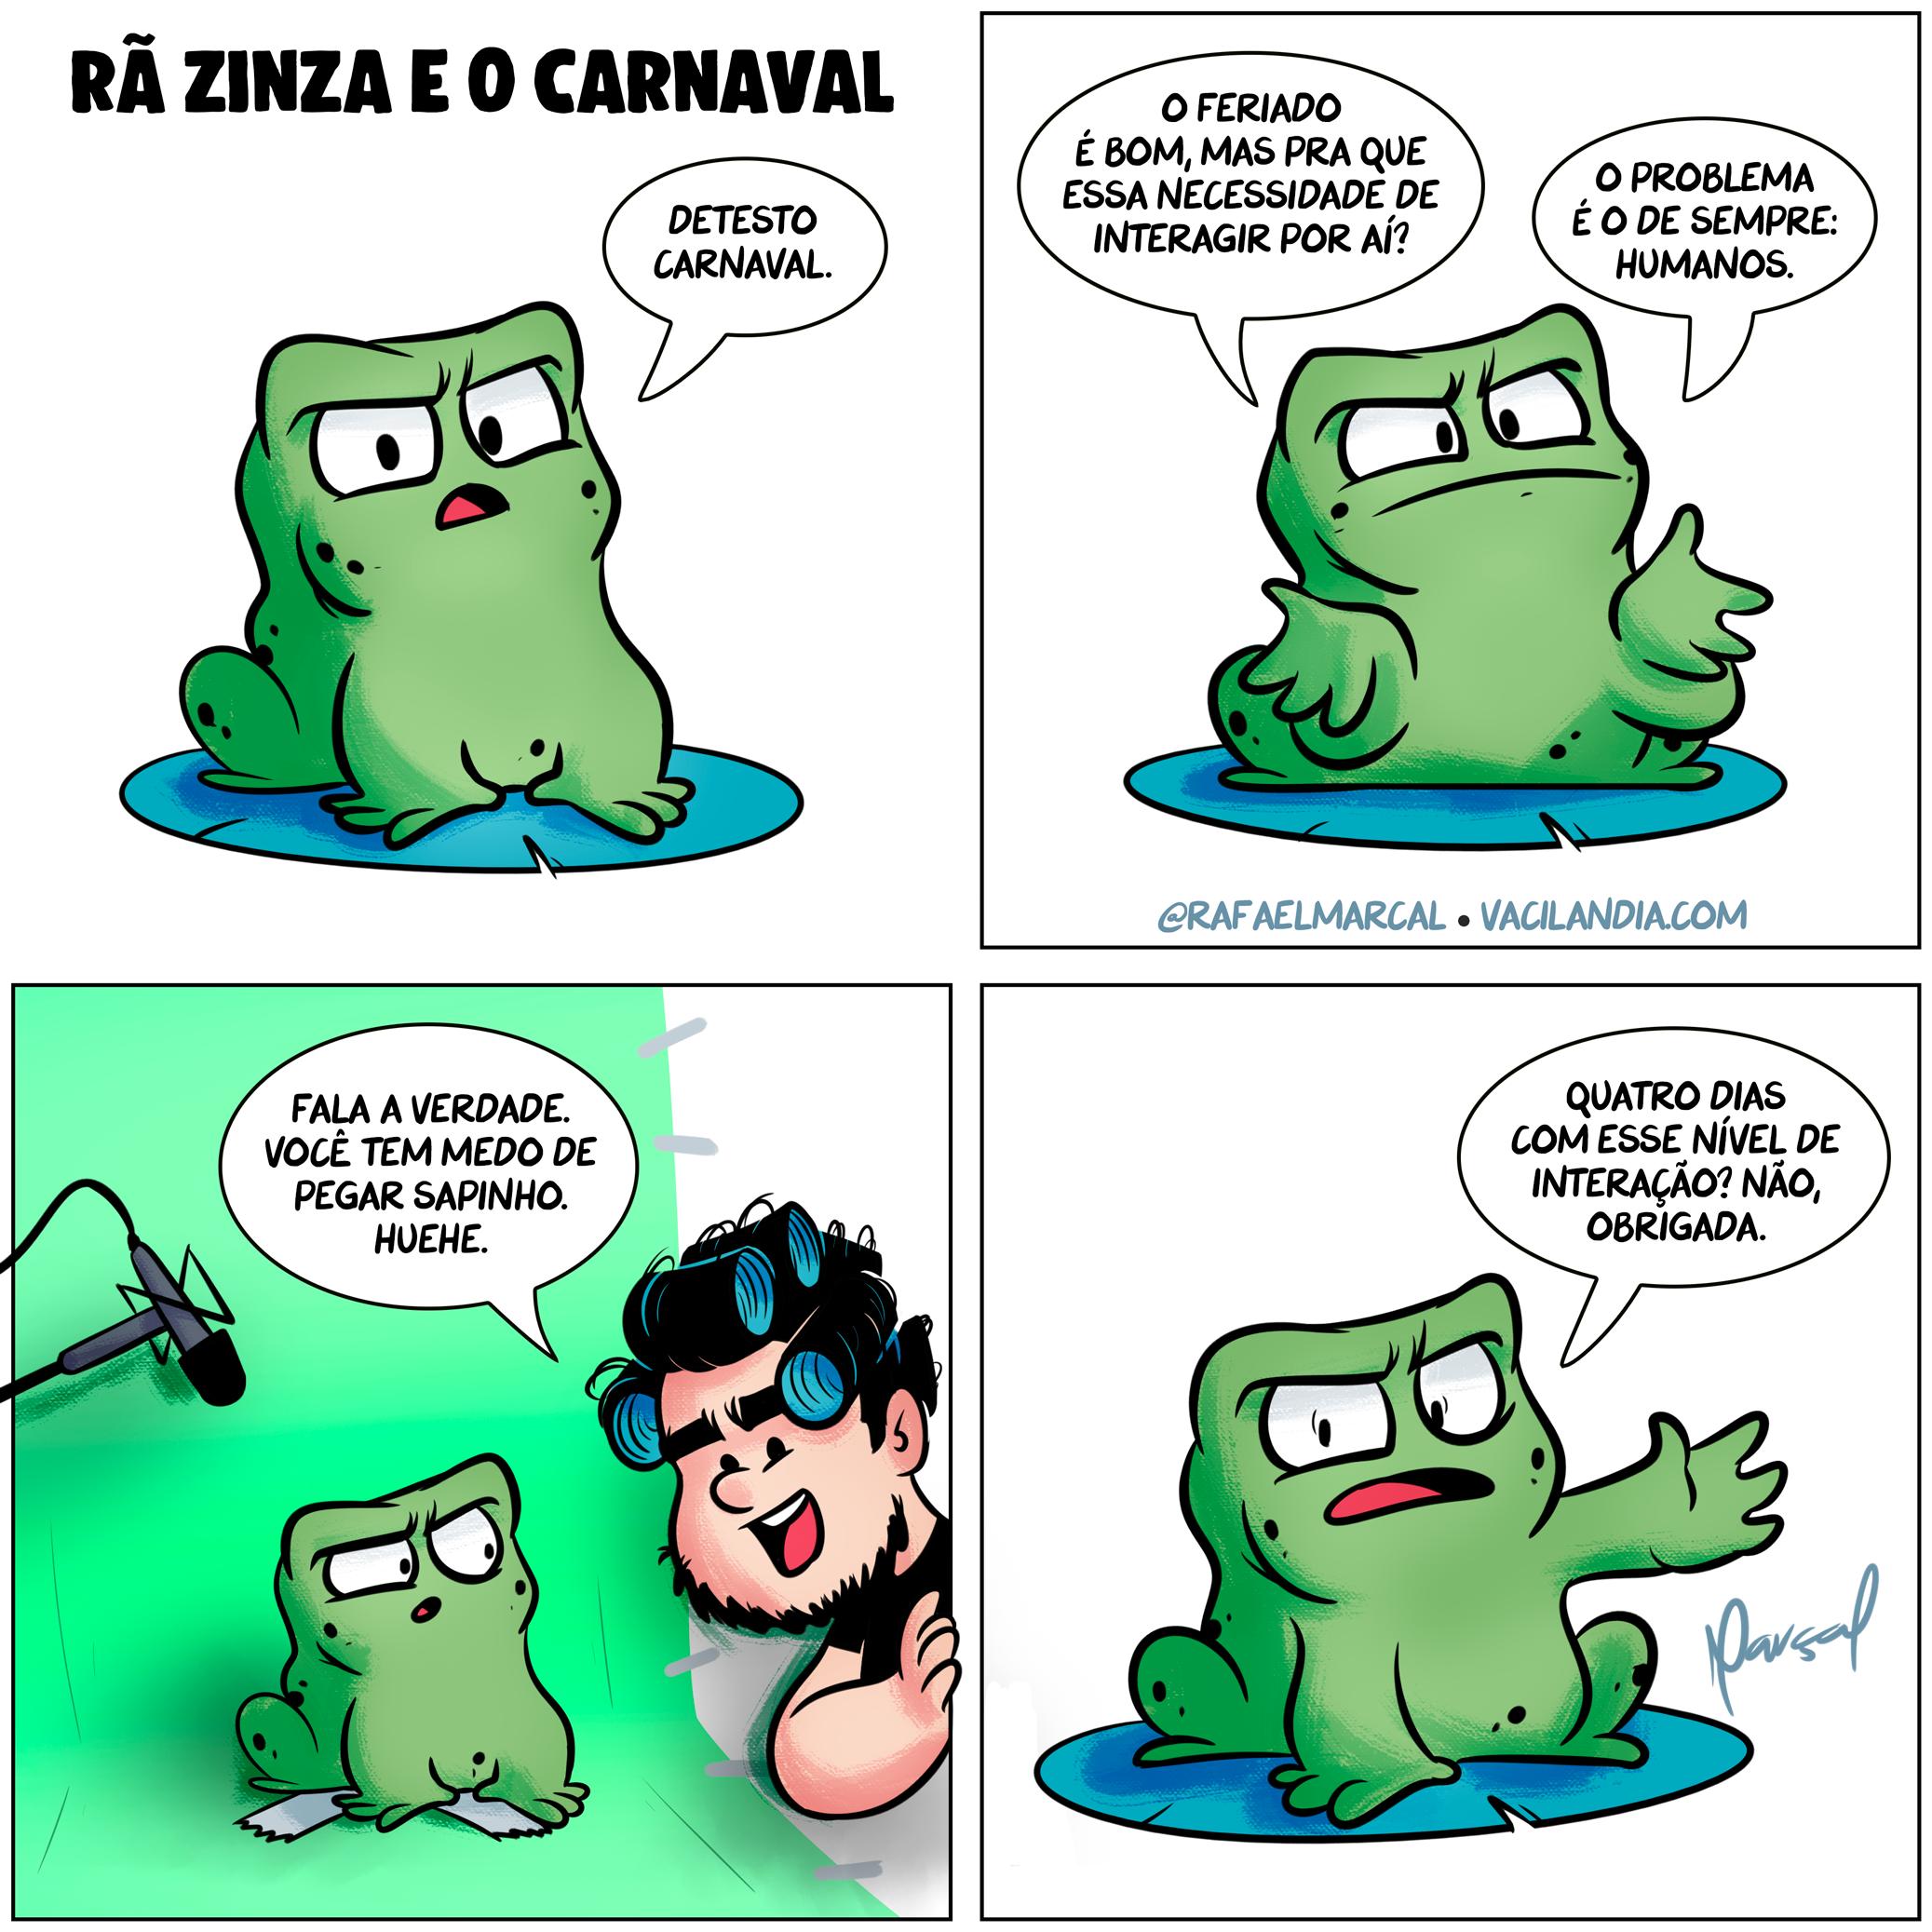 Rã Zinza e o Carnaval 2020 | tirinhas, sapinho, rã zinza, quadrinhos, interagir, interação, humor, herpes, feriado, carnaval